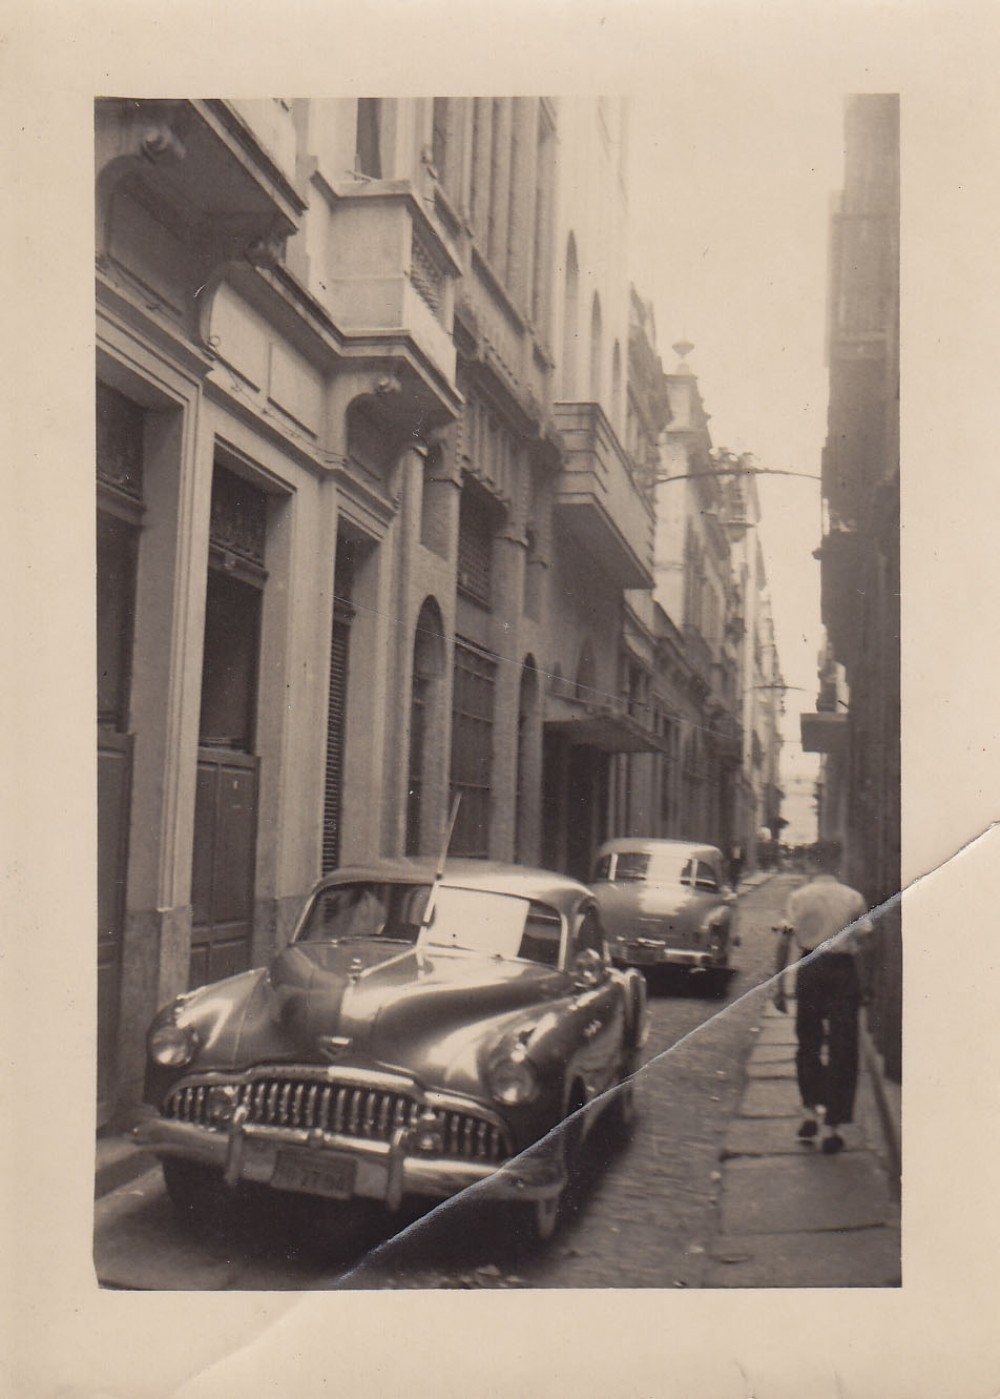 Senamiesčio gatvelė. Brazilija, apie 1946–1950 m.